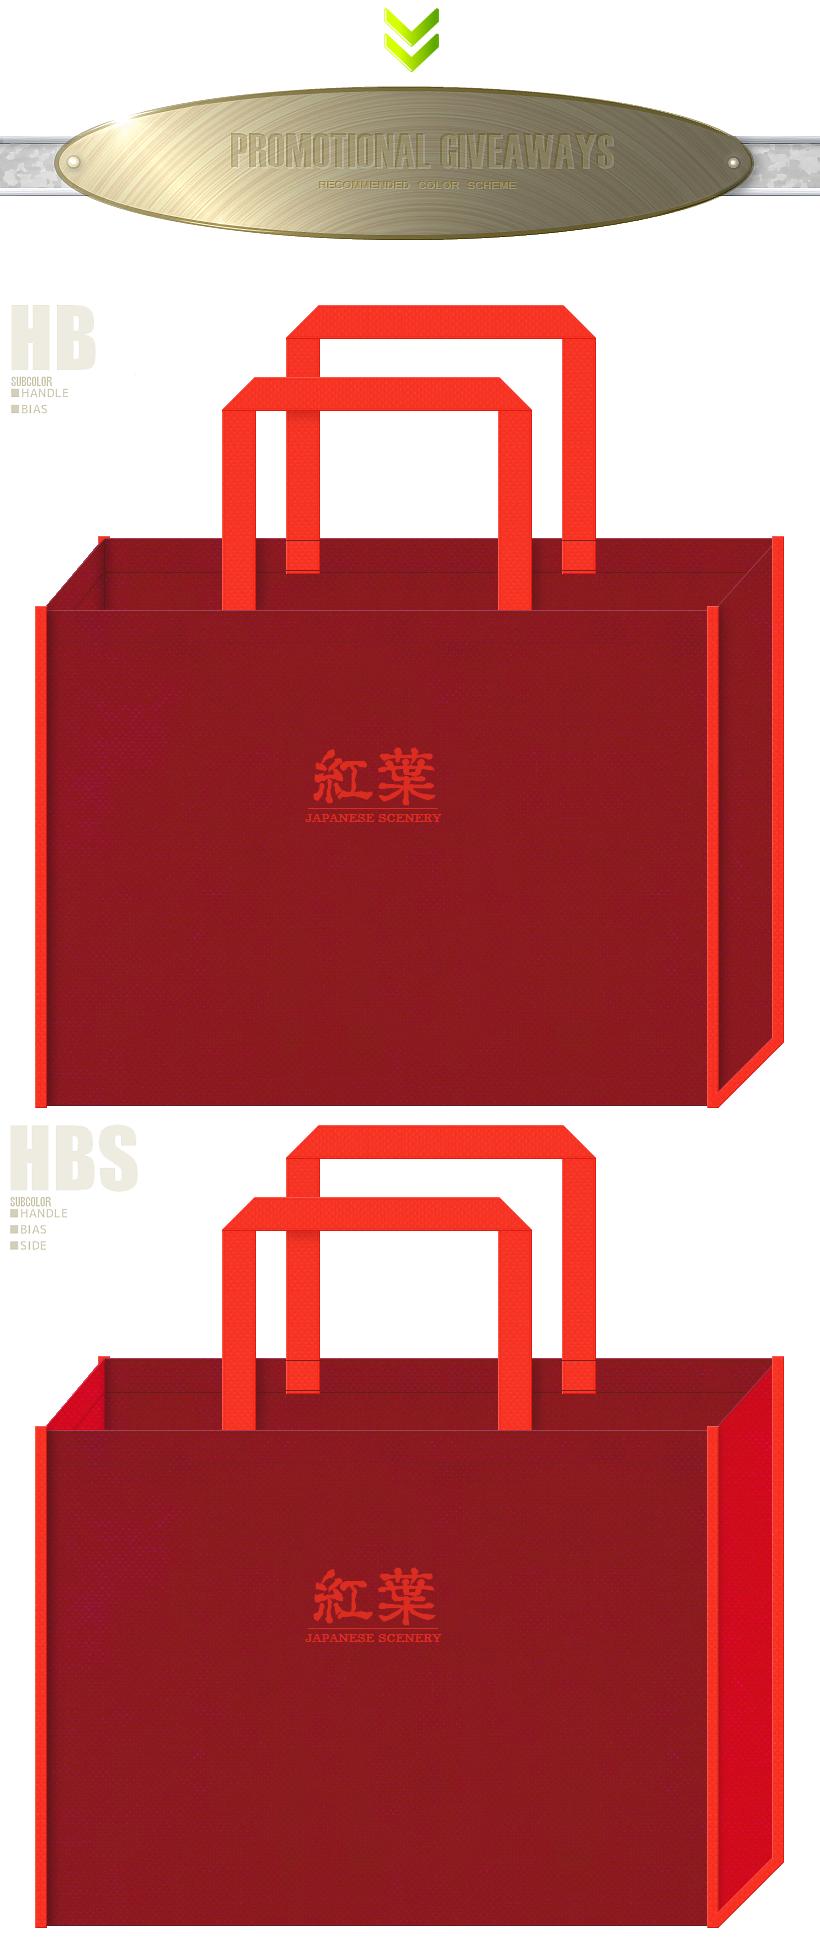 エンジ色とオレンジ色の不織布バッグデザイン:秋の観光・紅葉名所のノベルティ